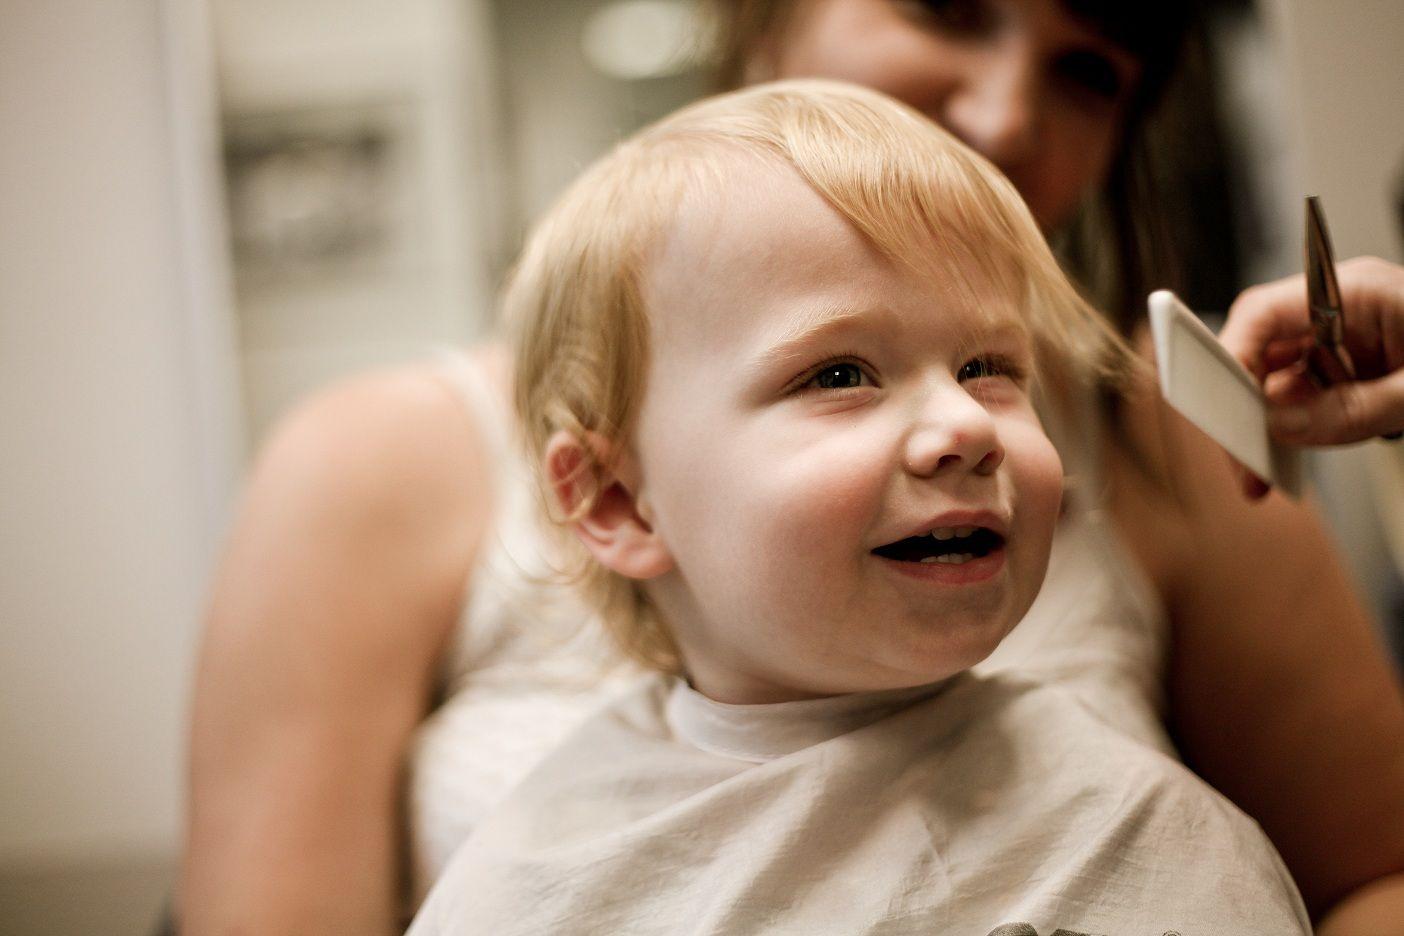 Cắt tóc cho trẻ sơ sinh